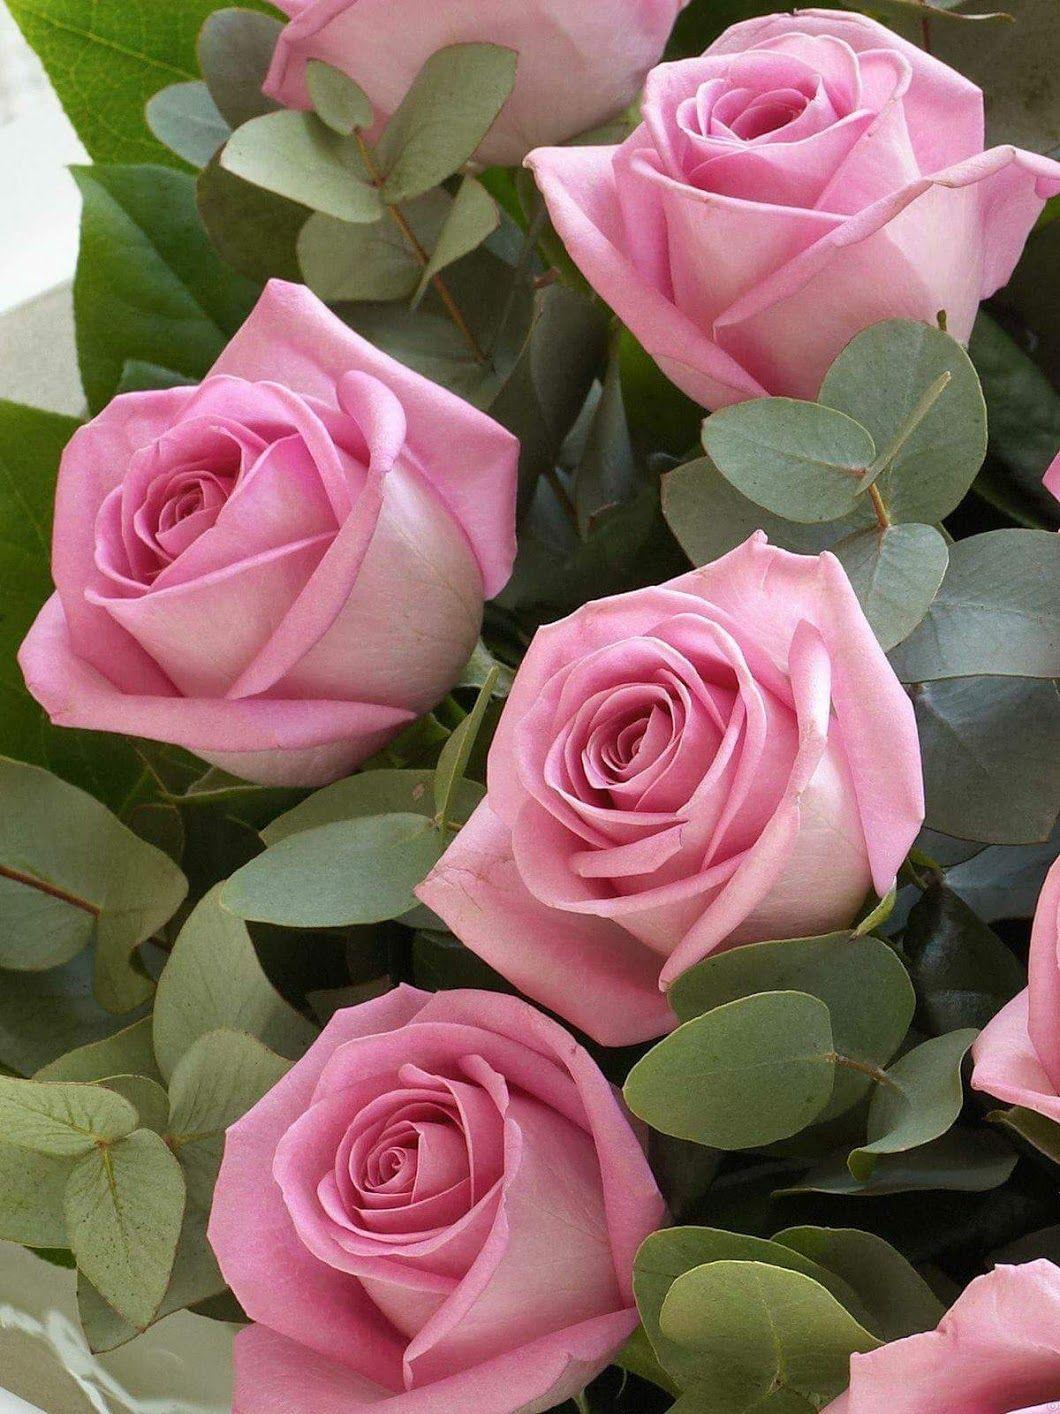 N nal jardin aliss pinterest flores roseiras e - Lavori in casa prima del rogito ...